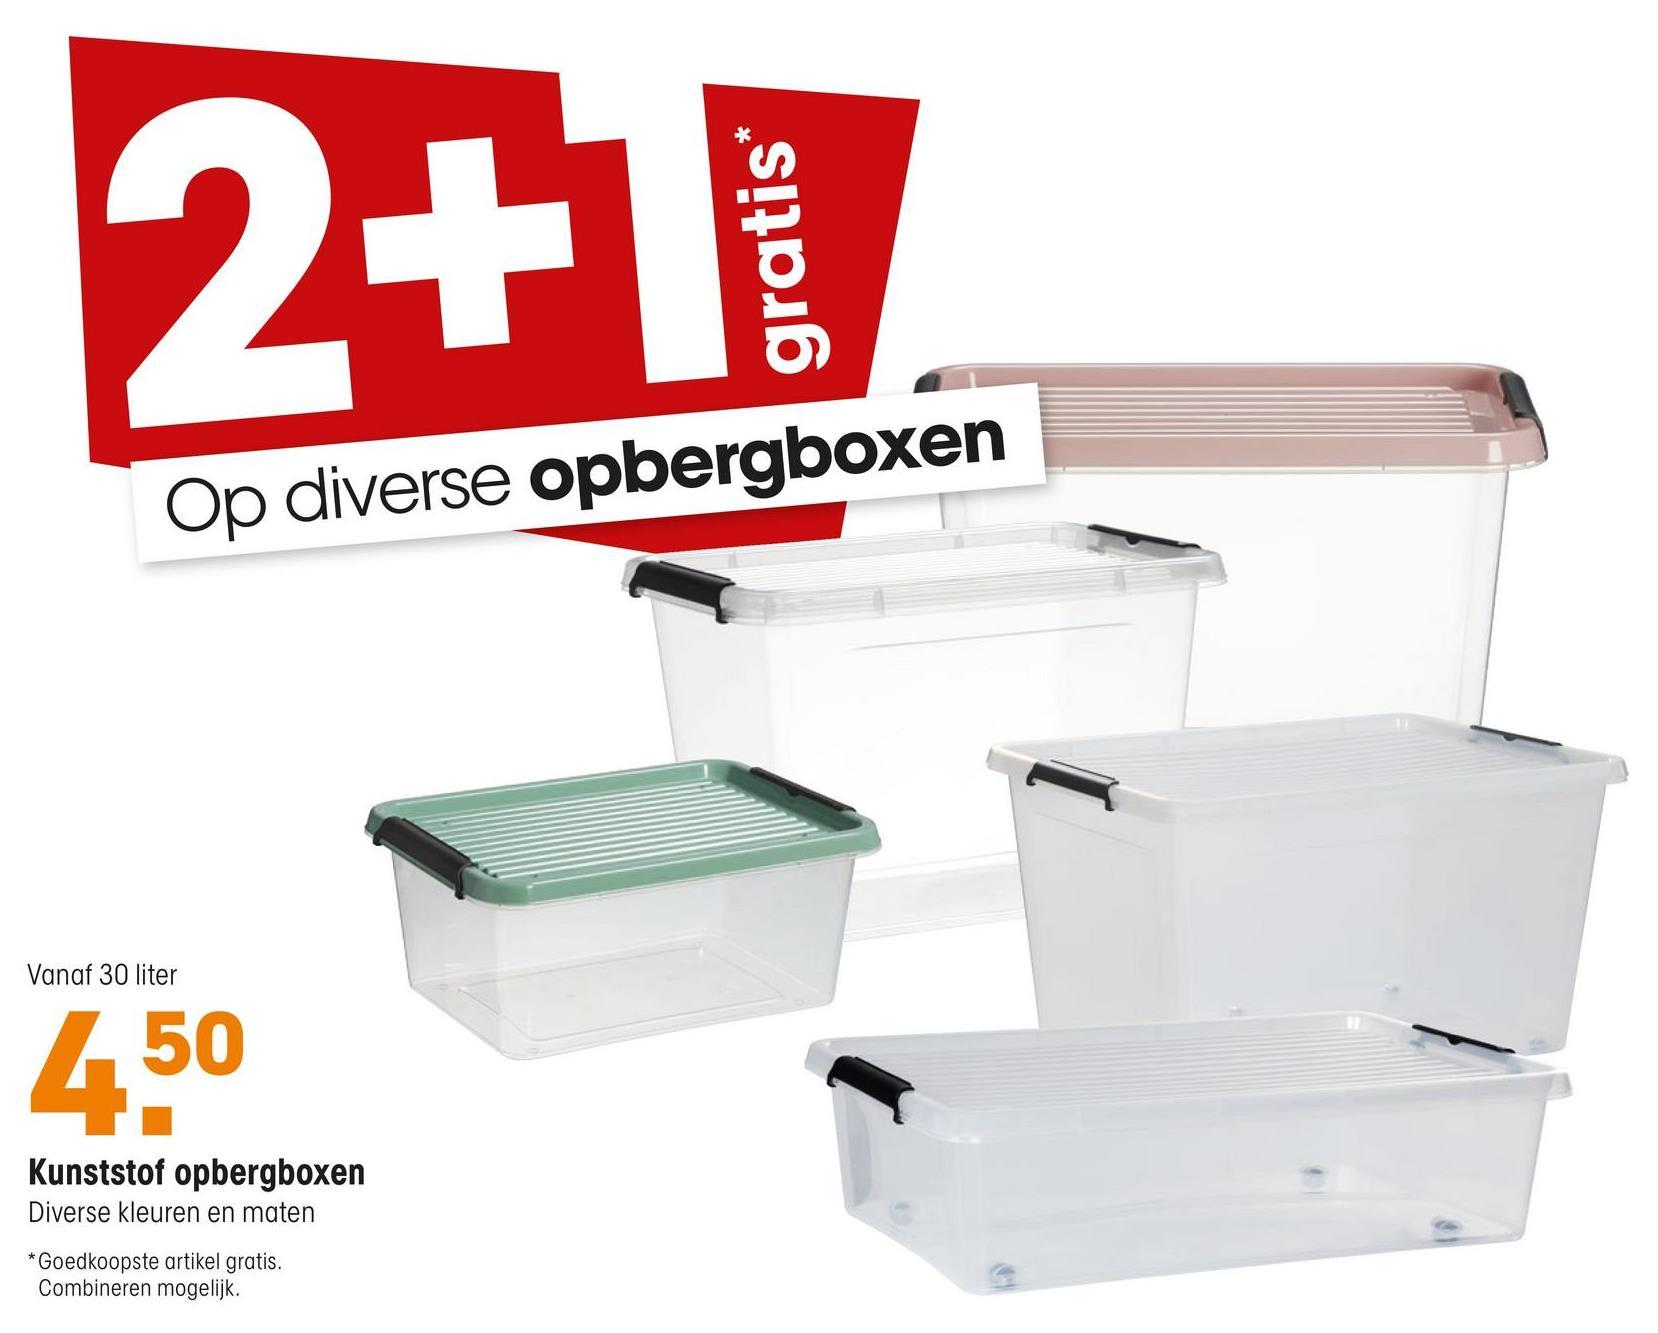 2+1 gratis* Op diverse opbergboxen Vanaf 30 liter 50 Kunststof opbergboxen iverse kleuren en maten Foedkoopste artikel gratis. ombineren mogelijk.